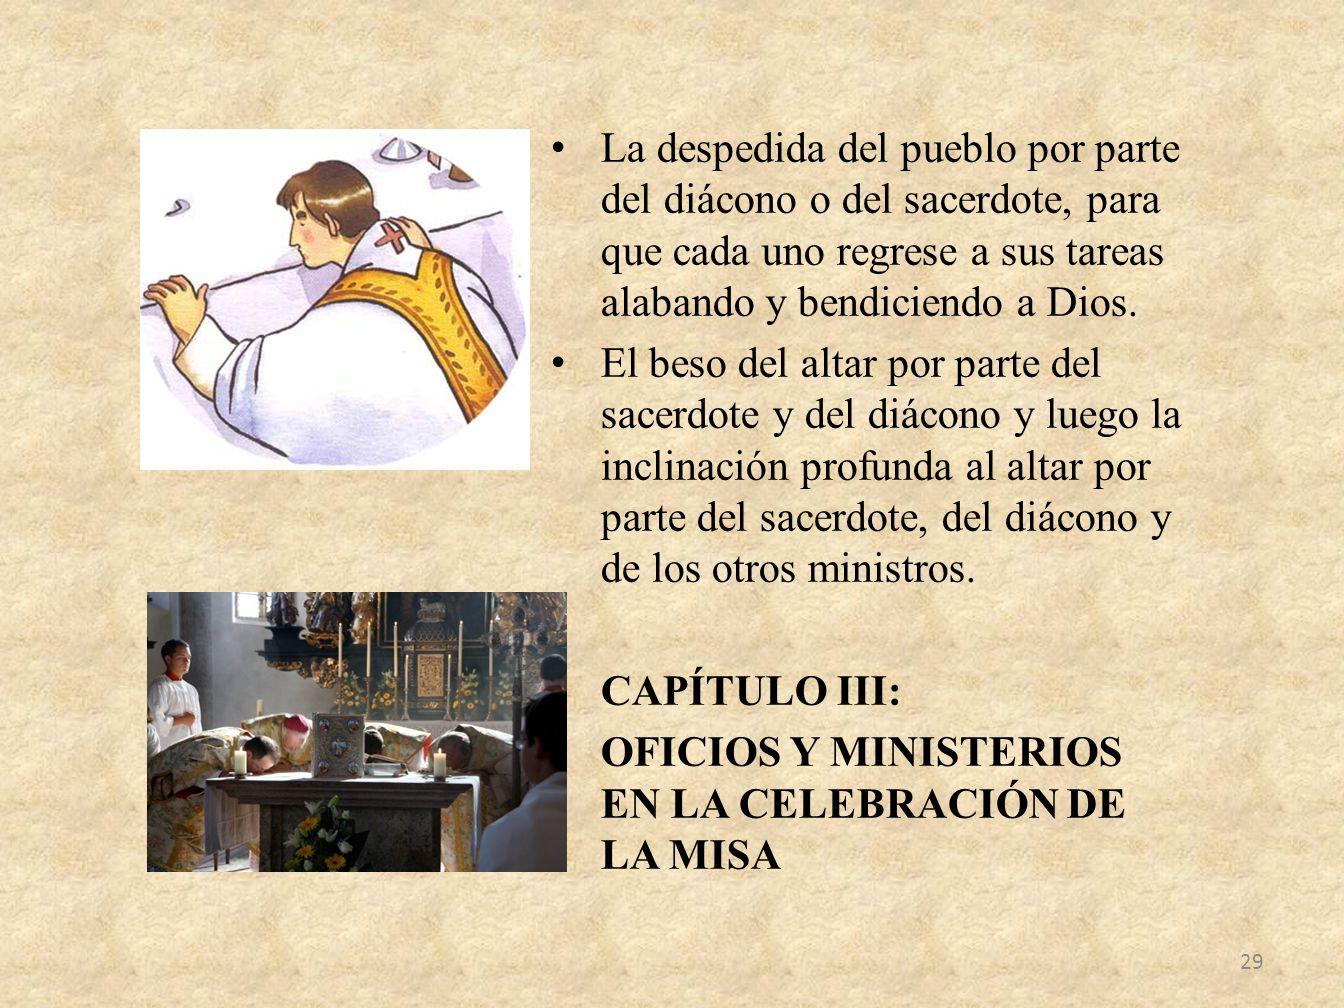 La despedida del pueblo por parte del diácono o del sacerdote, para que cada uno regrese a sus tareas alabando y bendiciendo a Dios.